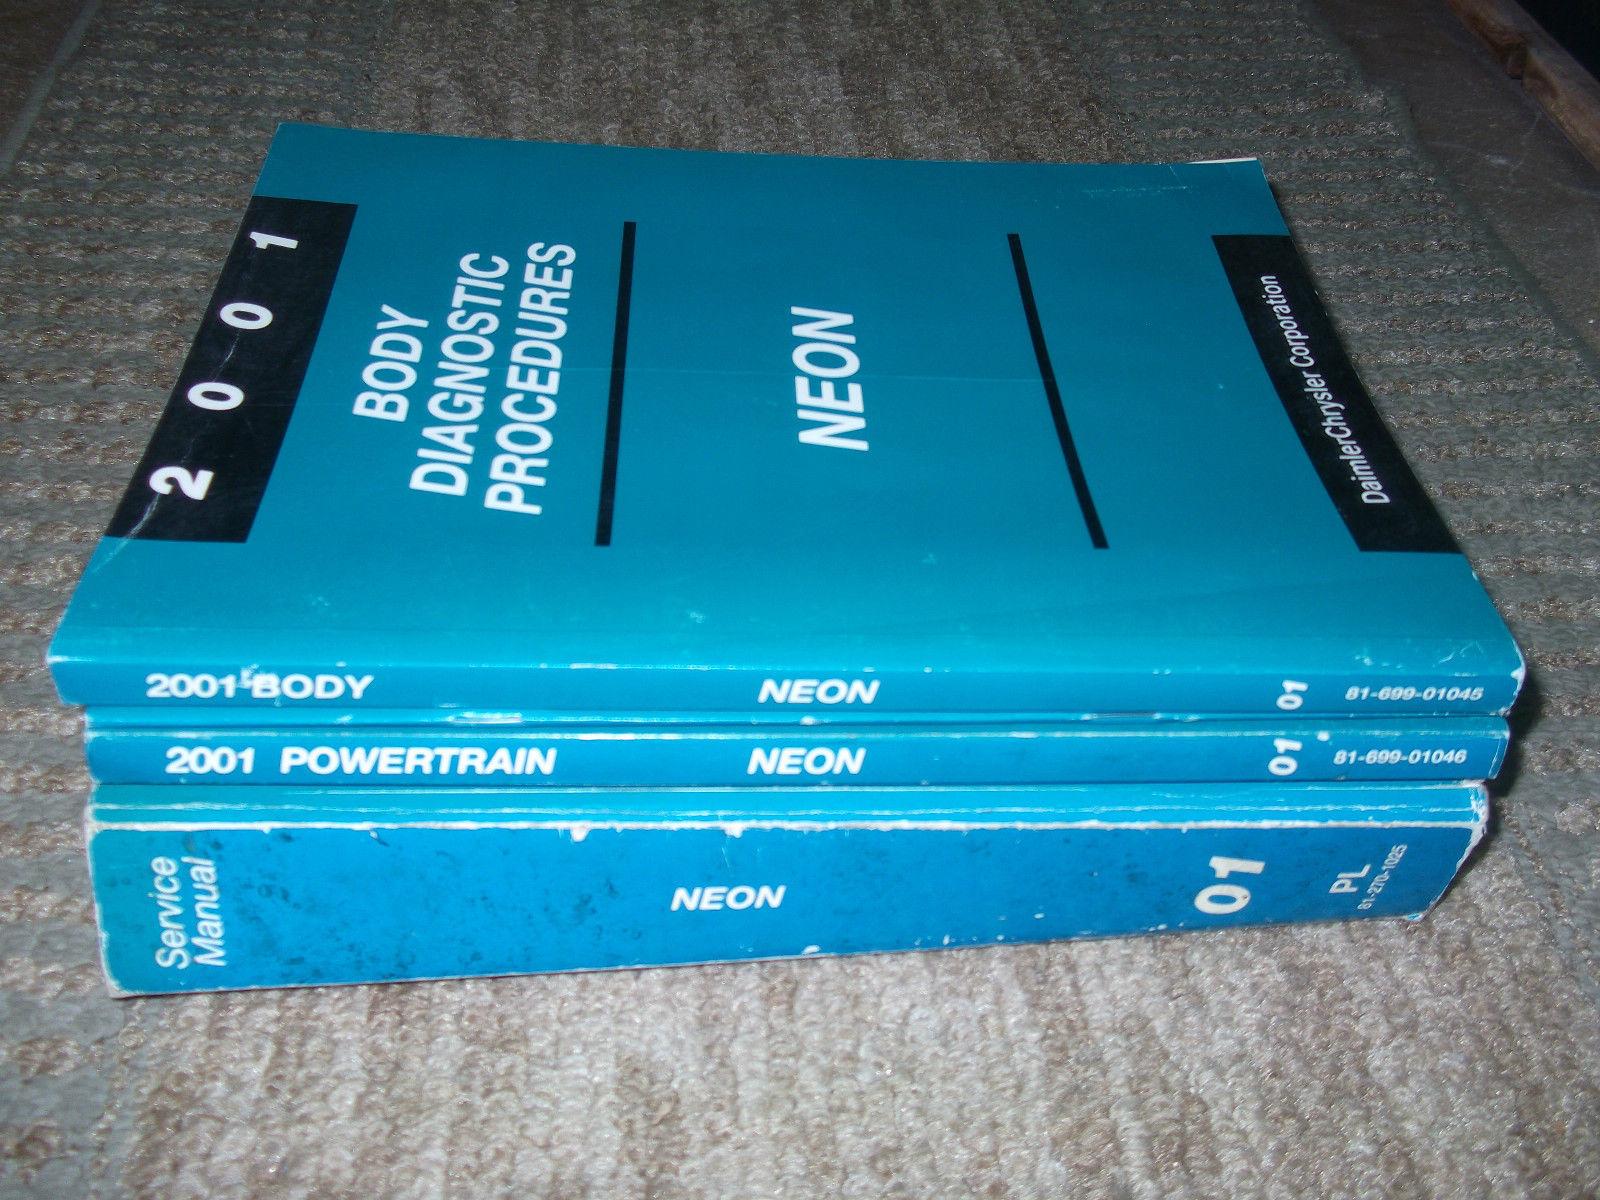 2001 Dodge Neon Shop Service Workshop Repair Manual Set W Diagnostics OEM image 5